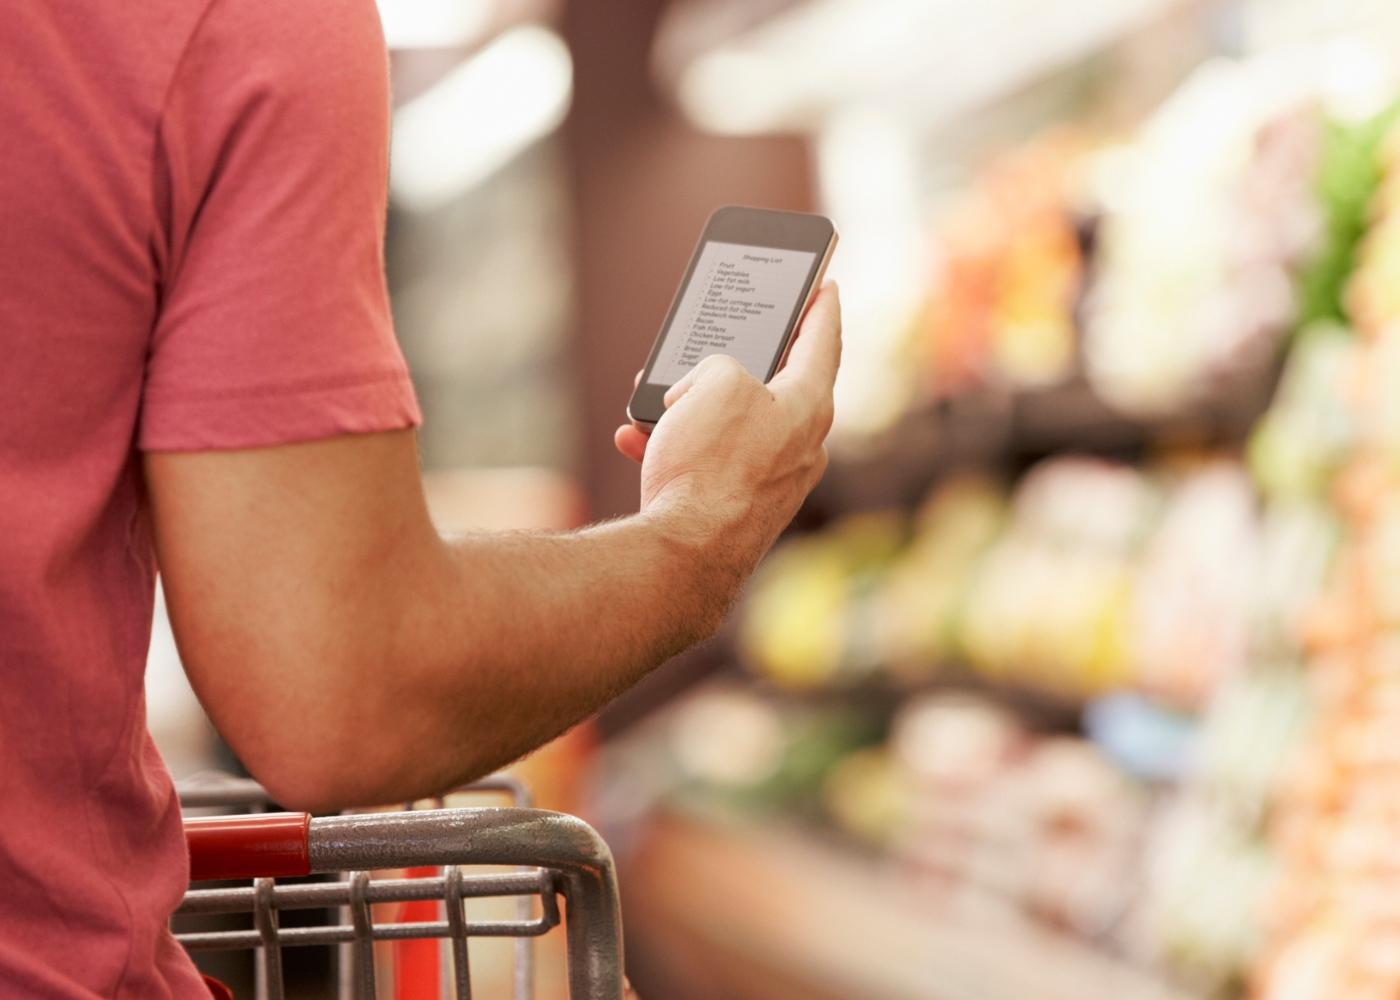 Lista de compras para quarentena: homem no supermercado